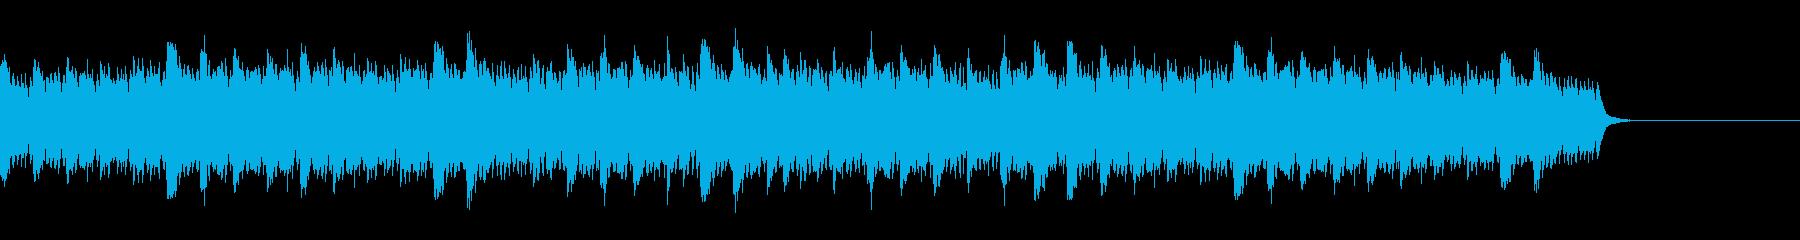 卒業式や式典用の超シンプルピアノBGMの再生済みの波形